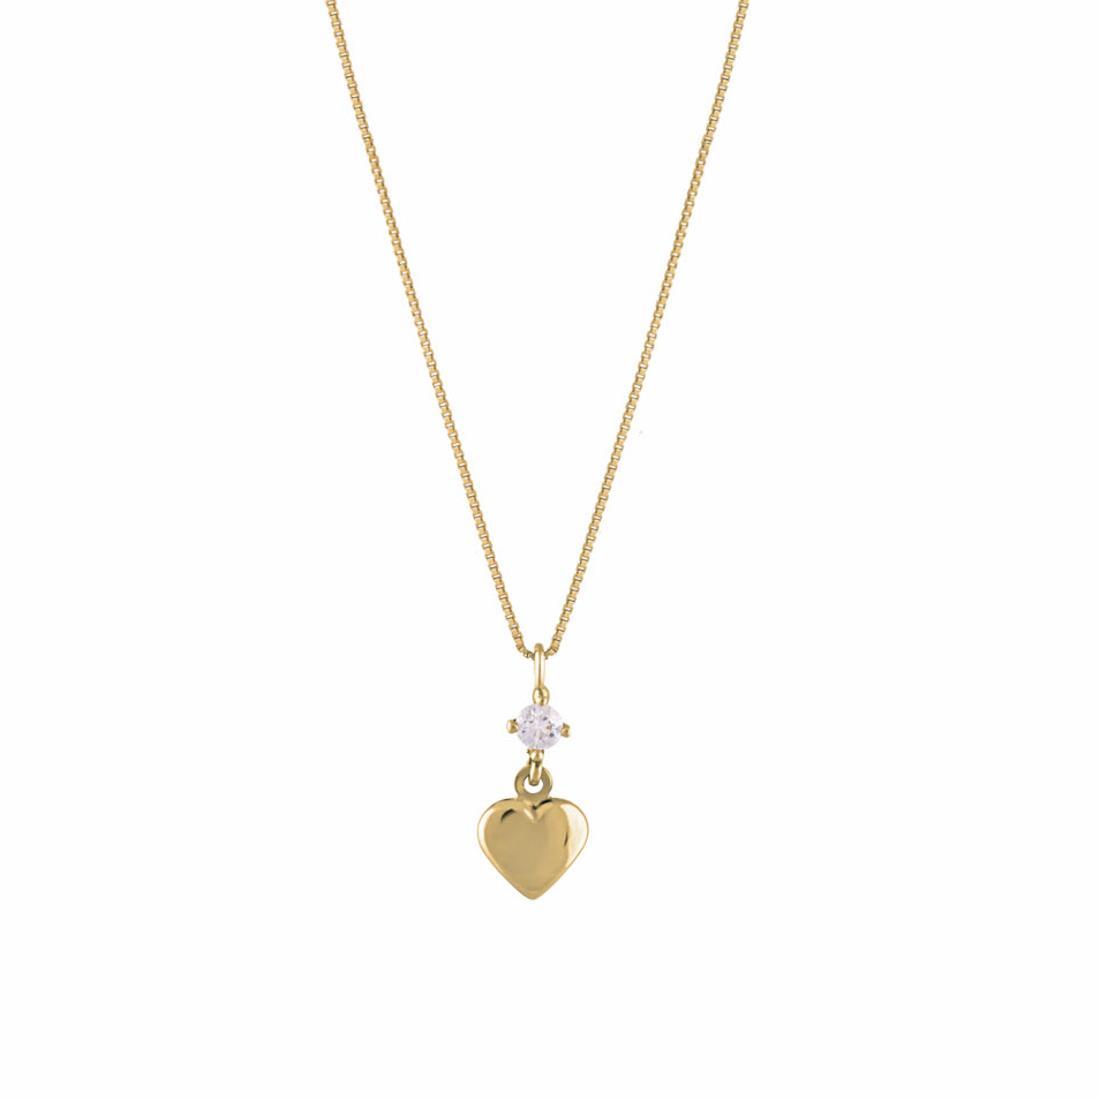 Collana in oro giallo, pendente a cuore con zircone - ORO&CO